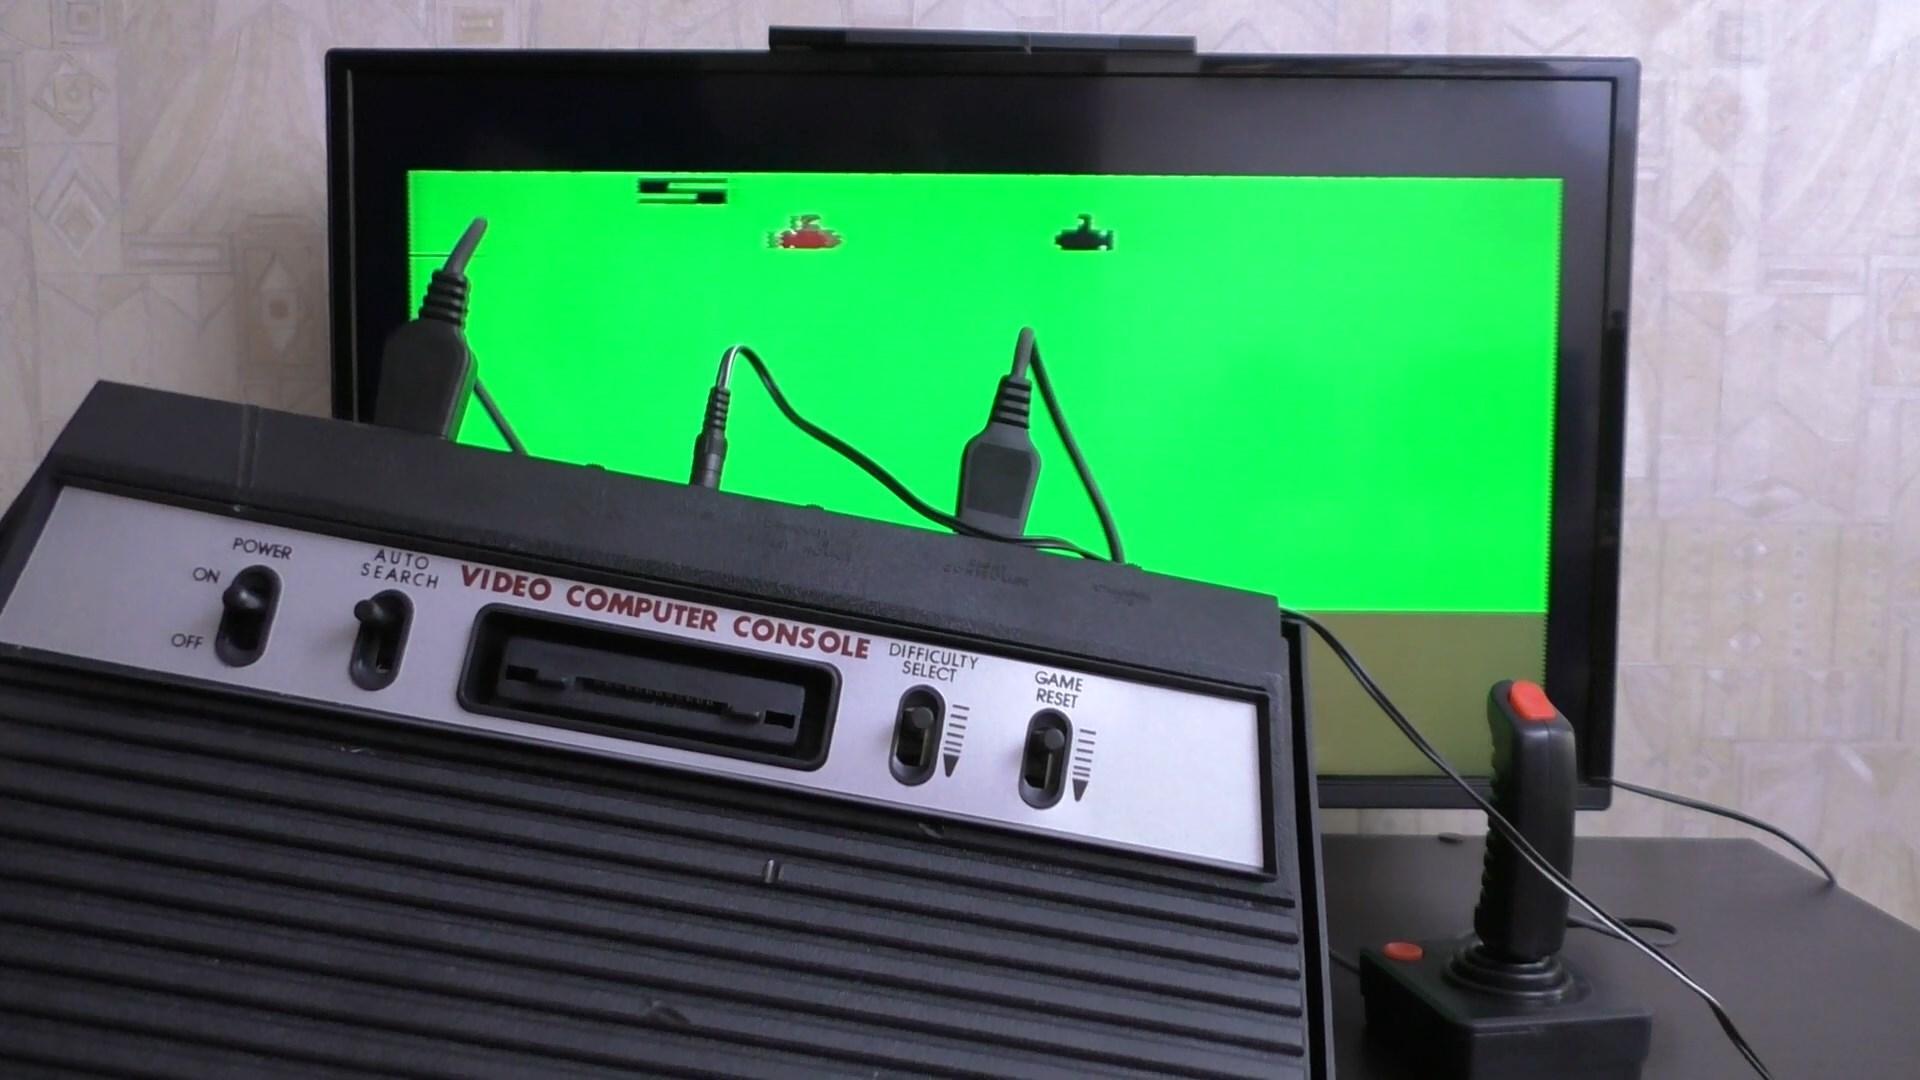 Rambo TV Games (Atari 2600) [статья с кучей фото и капелькой видео] - 36